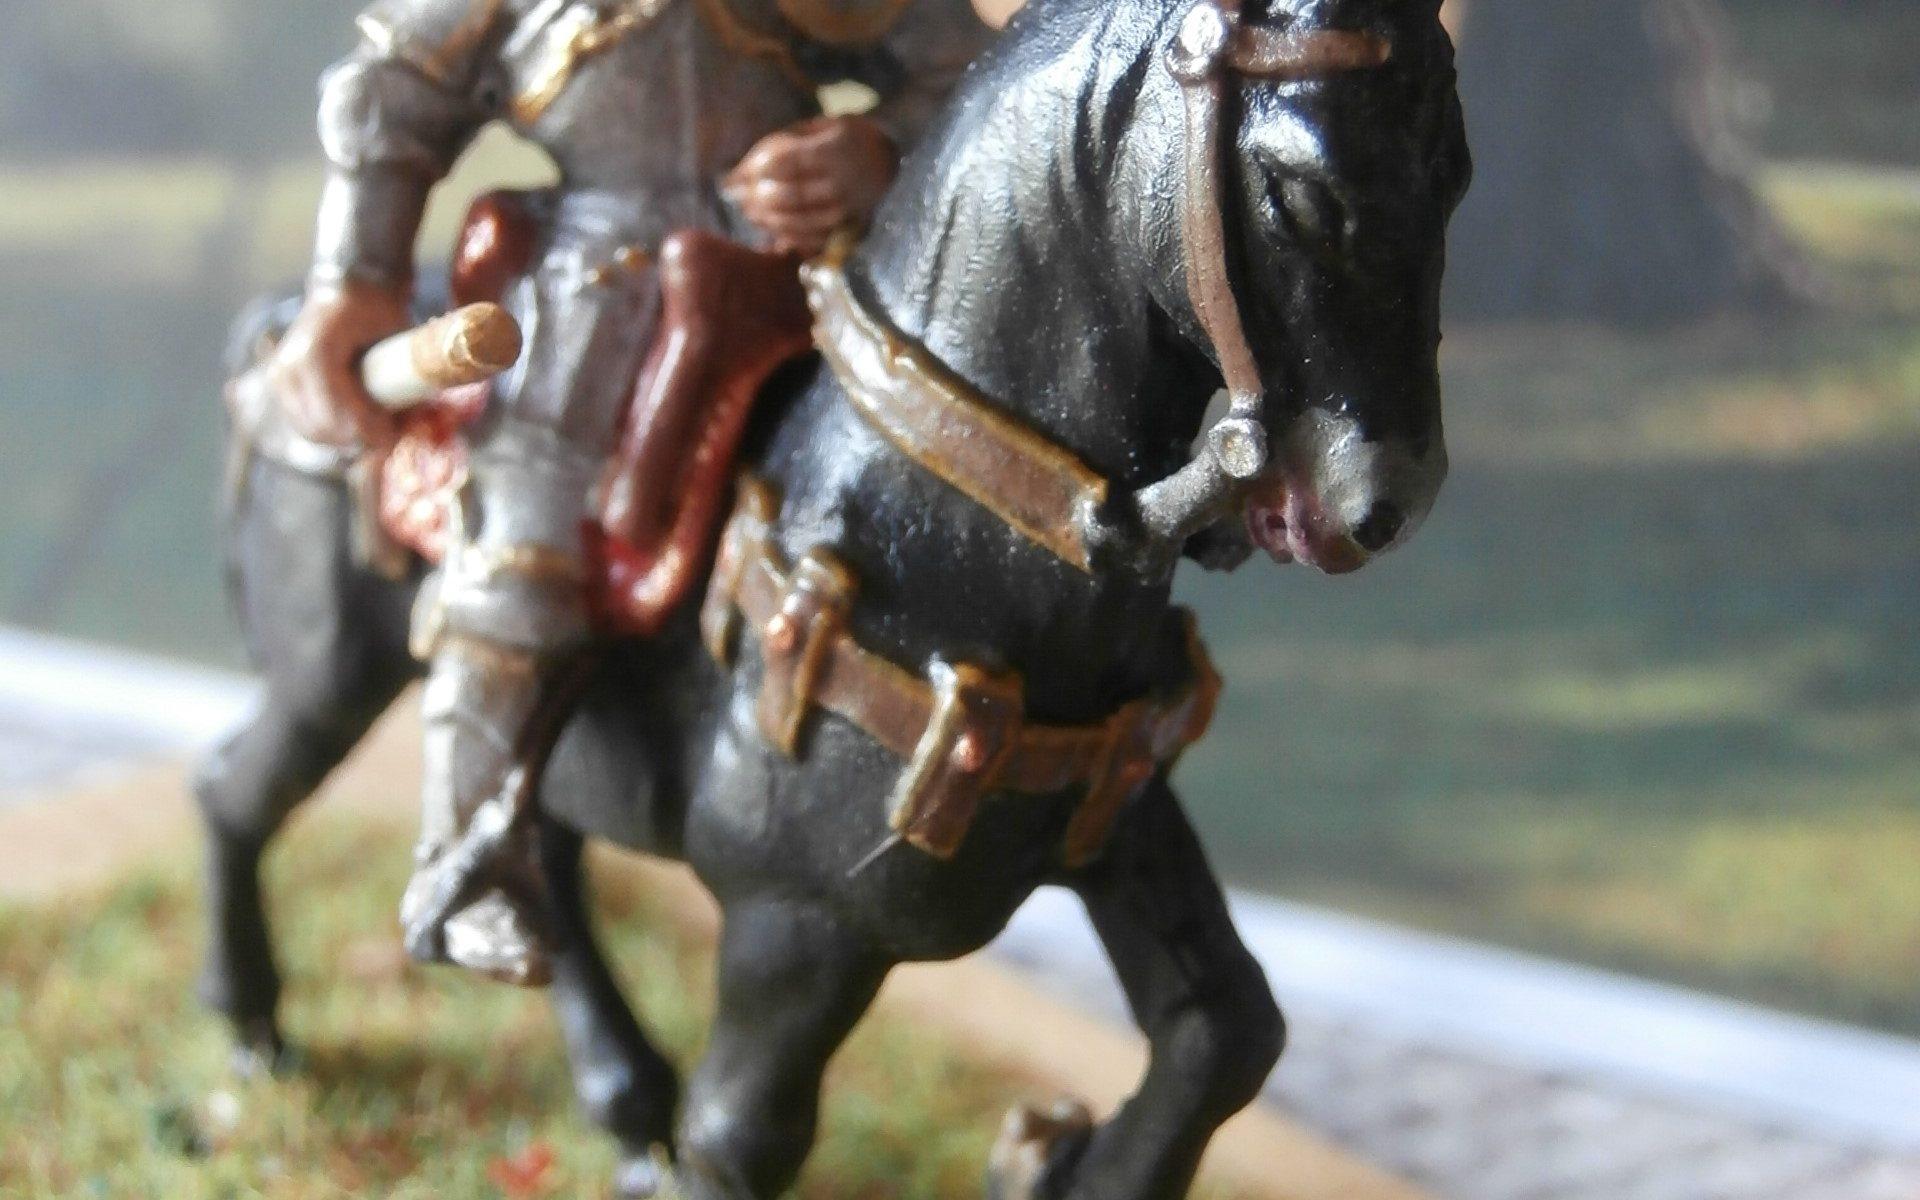 #Condottiero # a #Cavallo